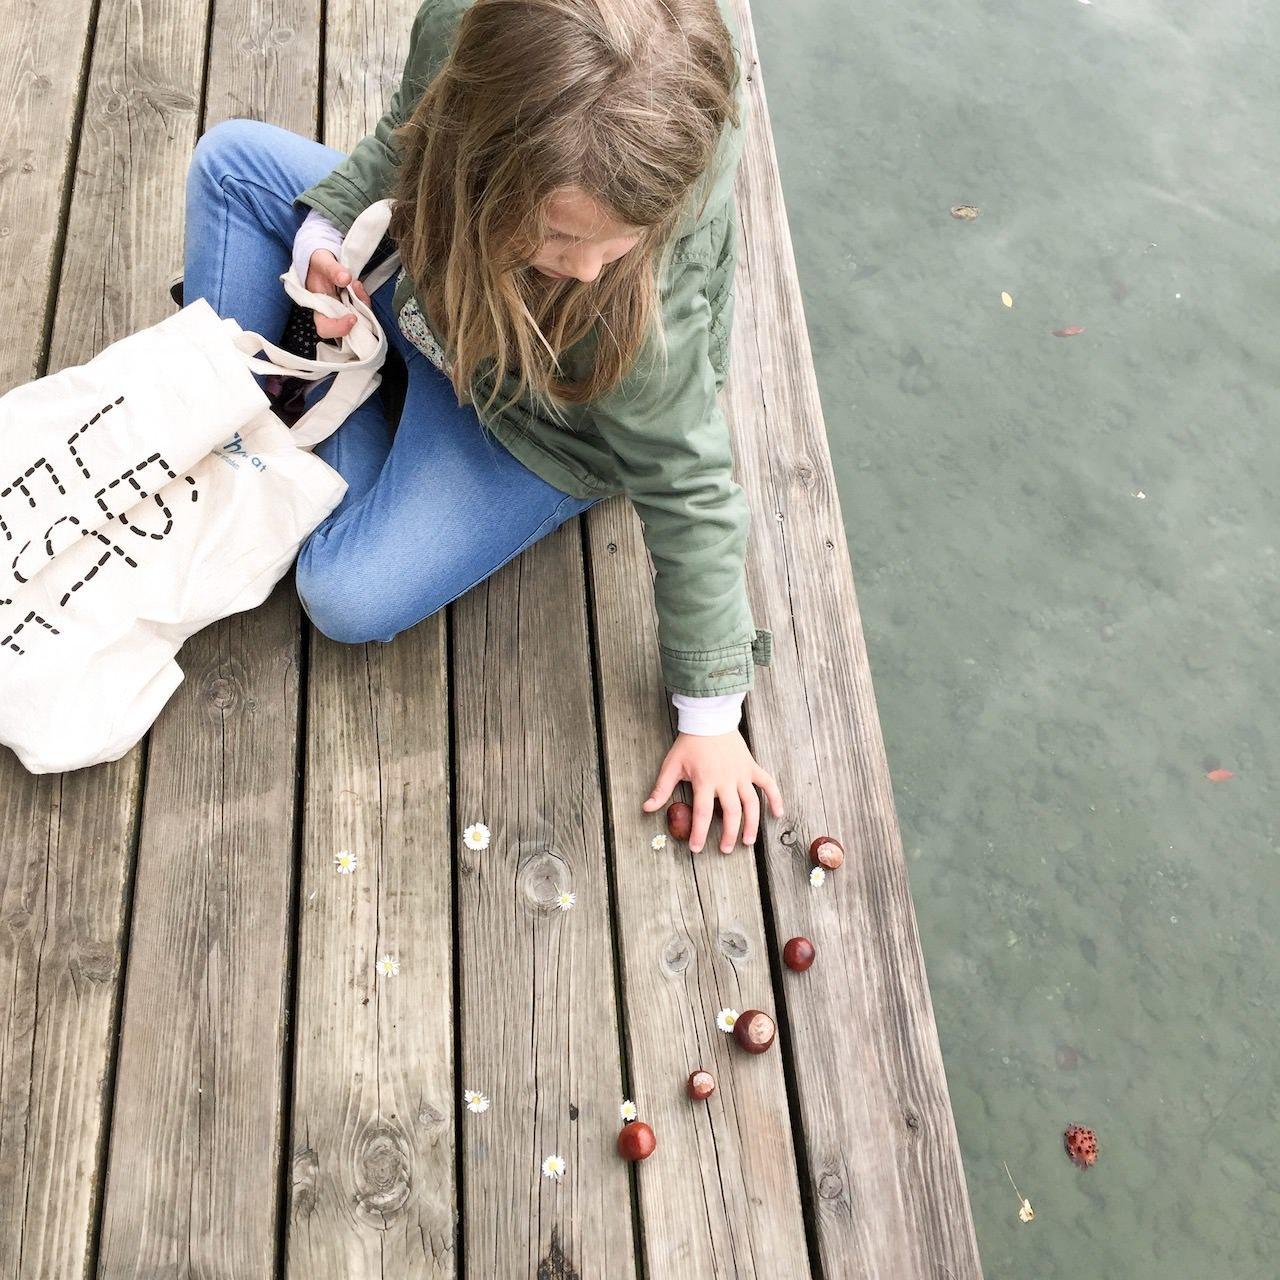 Outdoor Ideen für Kinder im Herbst - so schön ist es draußen am See Kastanien sammeln